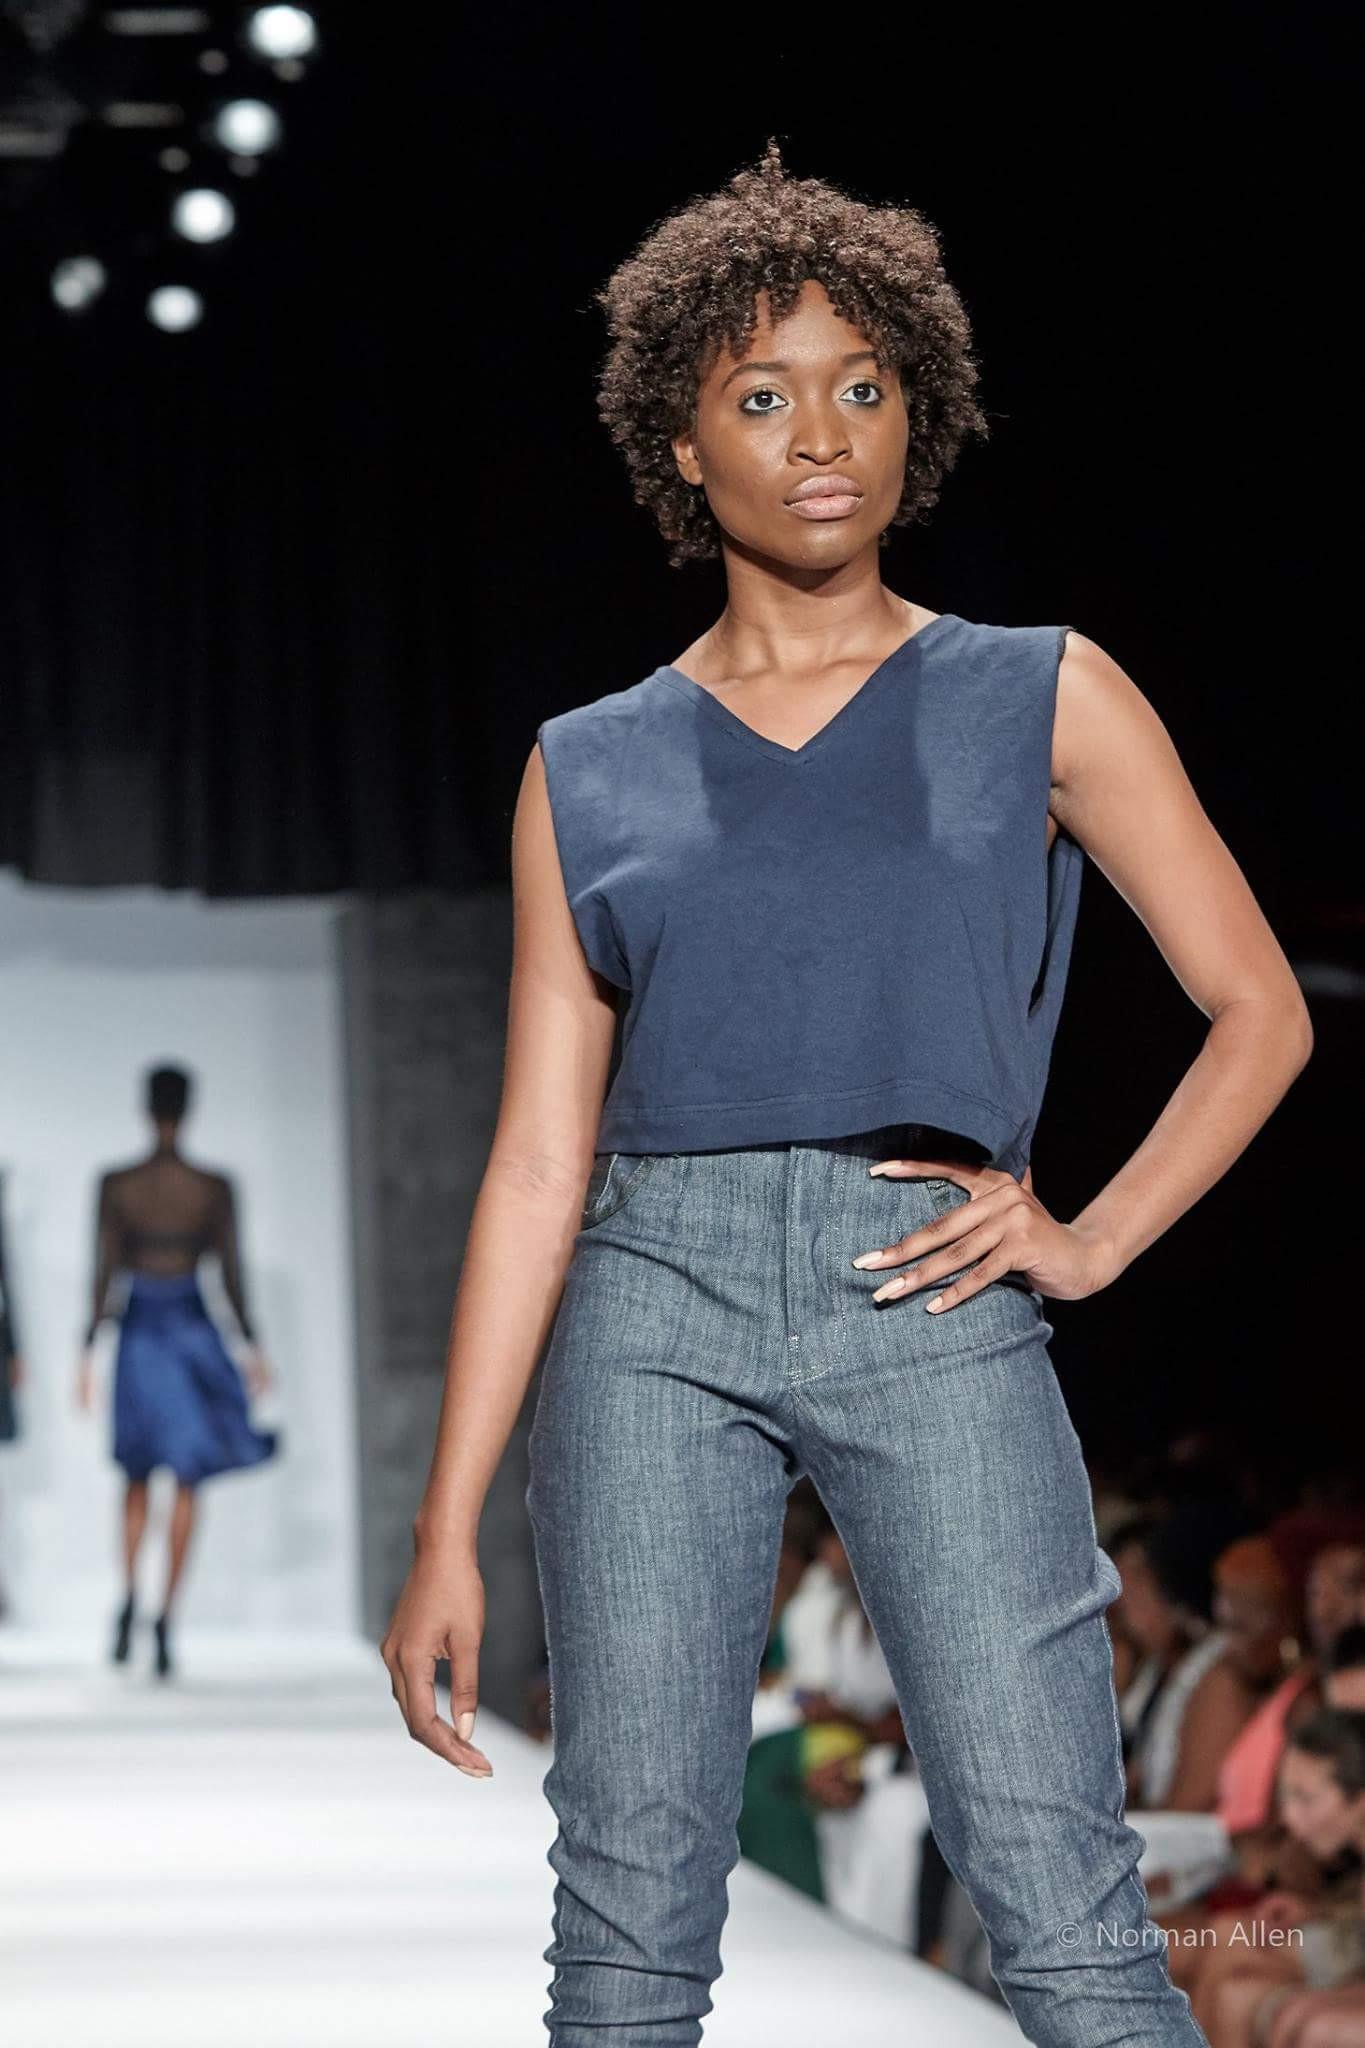 Monique Williams in 'Summertime Rolls' Photographer: Norman Allen